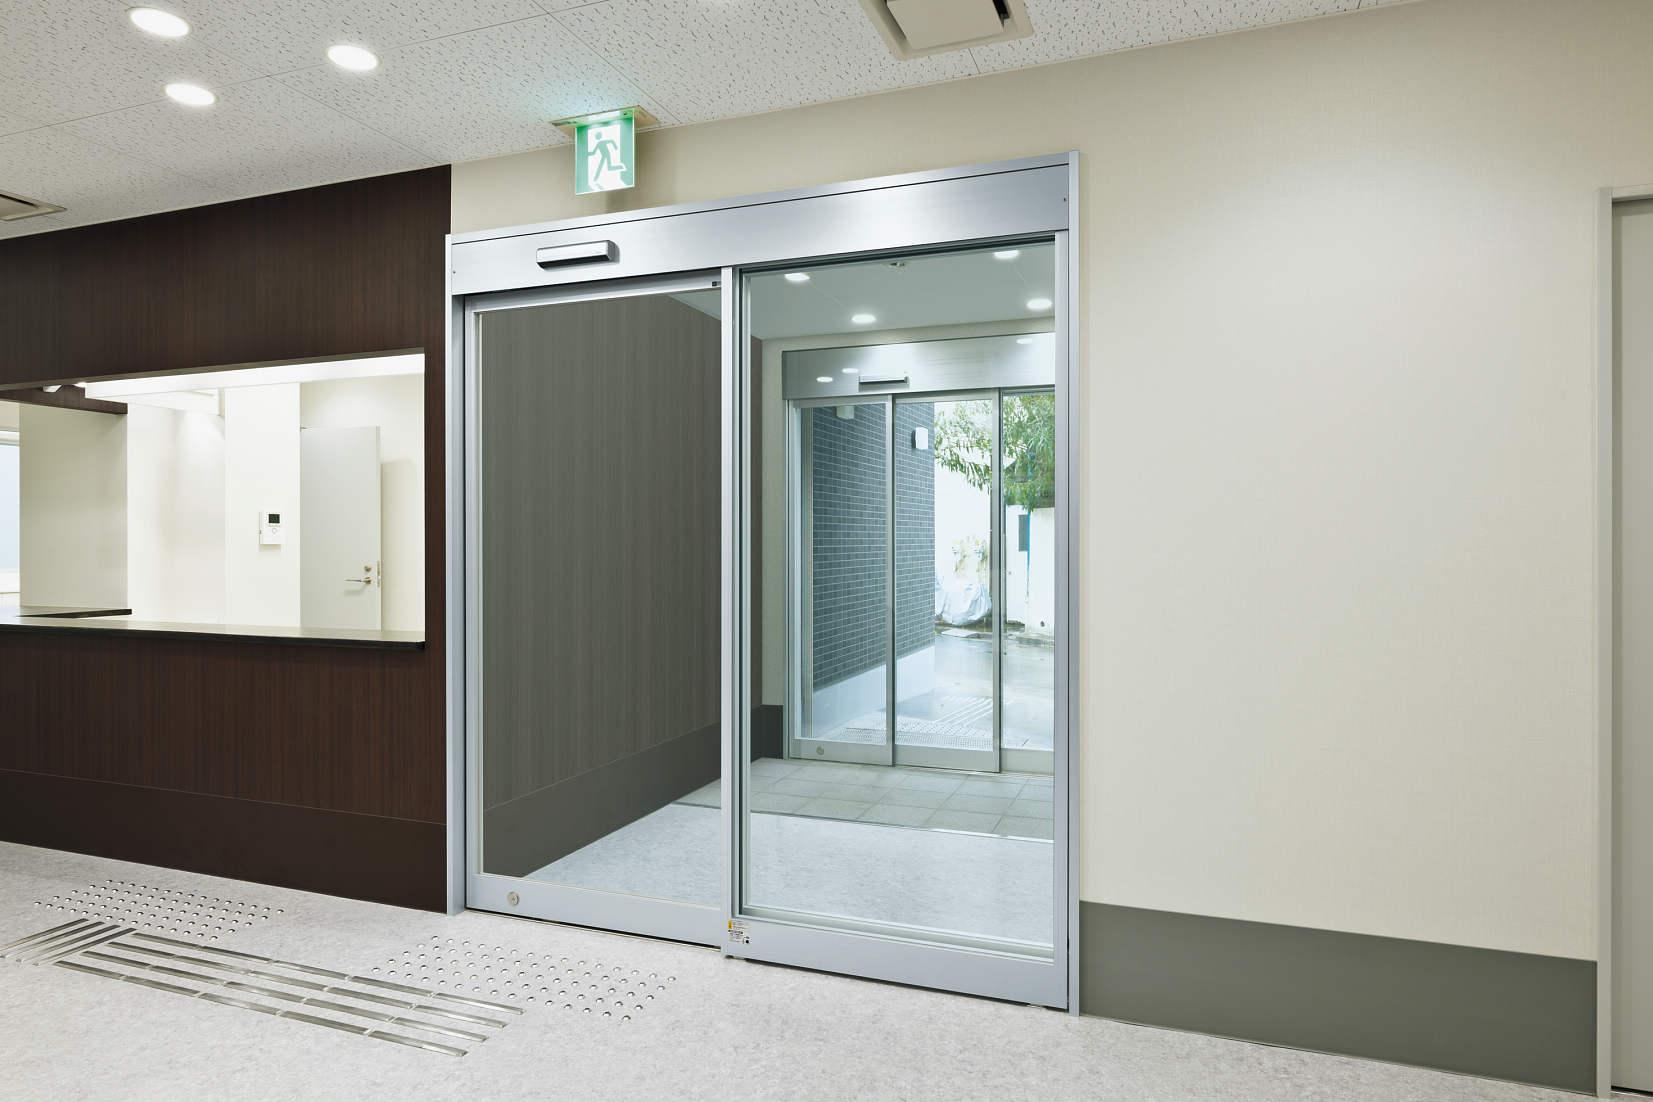 ビル用エントランス商品2点(玄関ドア・自動ドア)が 第8回キッズデザイン賞 を受賞しました。